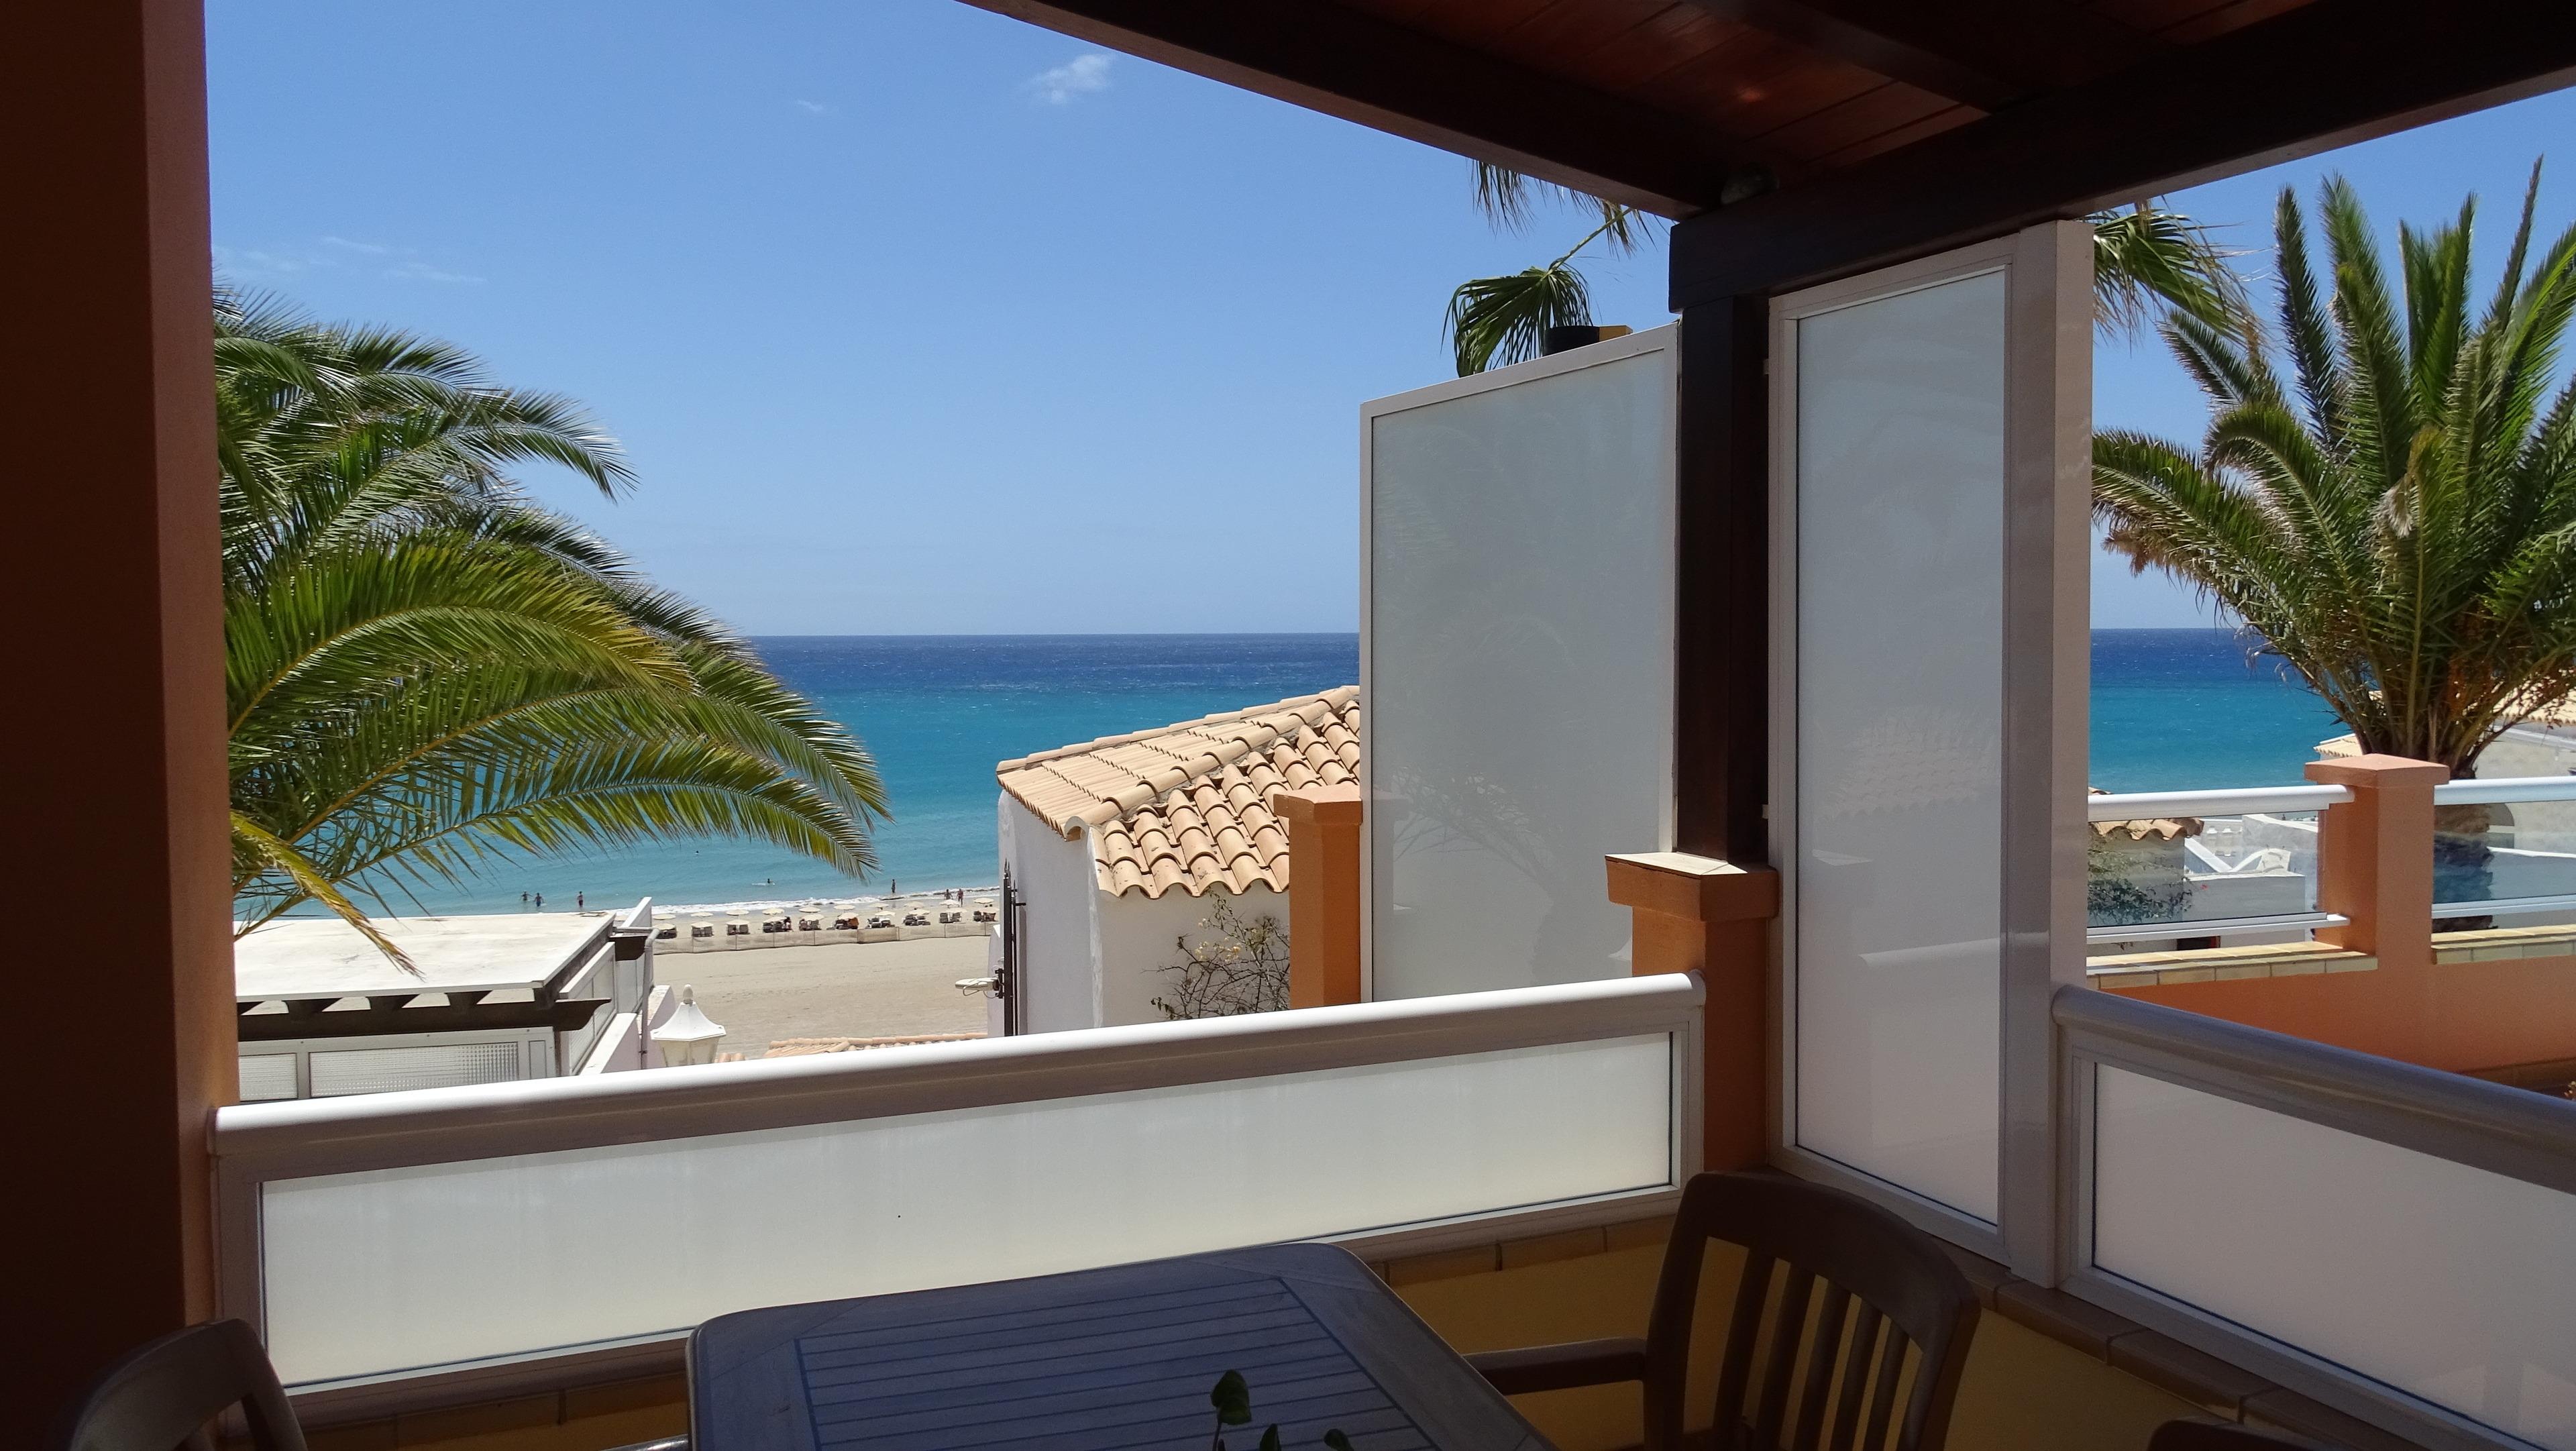 Ferienwohnung Ultra Tres 20 (2626372), Costa Calma, Fuerteventura, Kanarische Inseln, Spanien, Bild 8